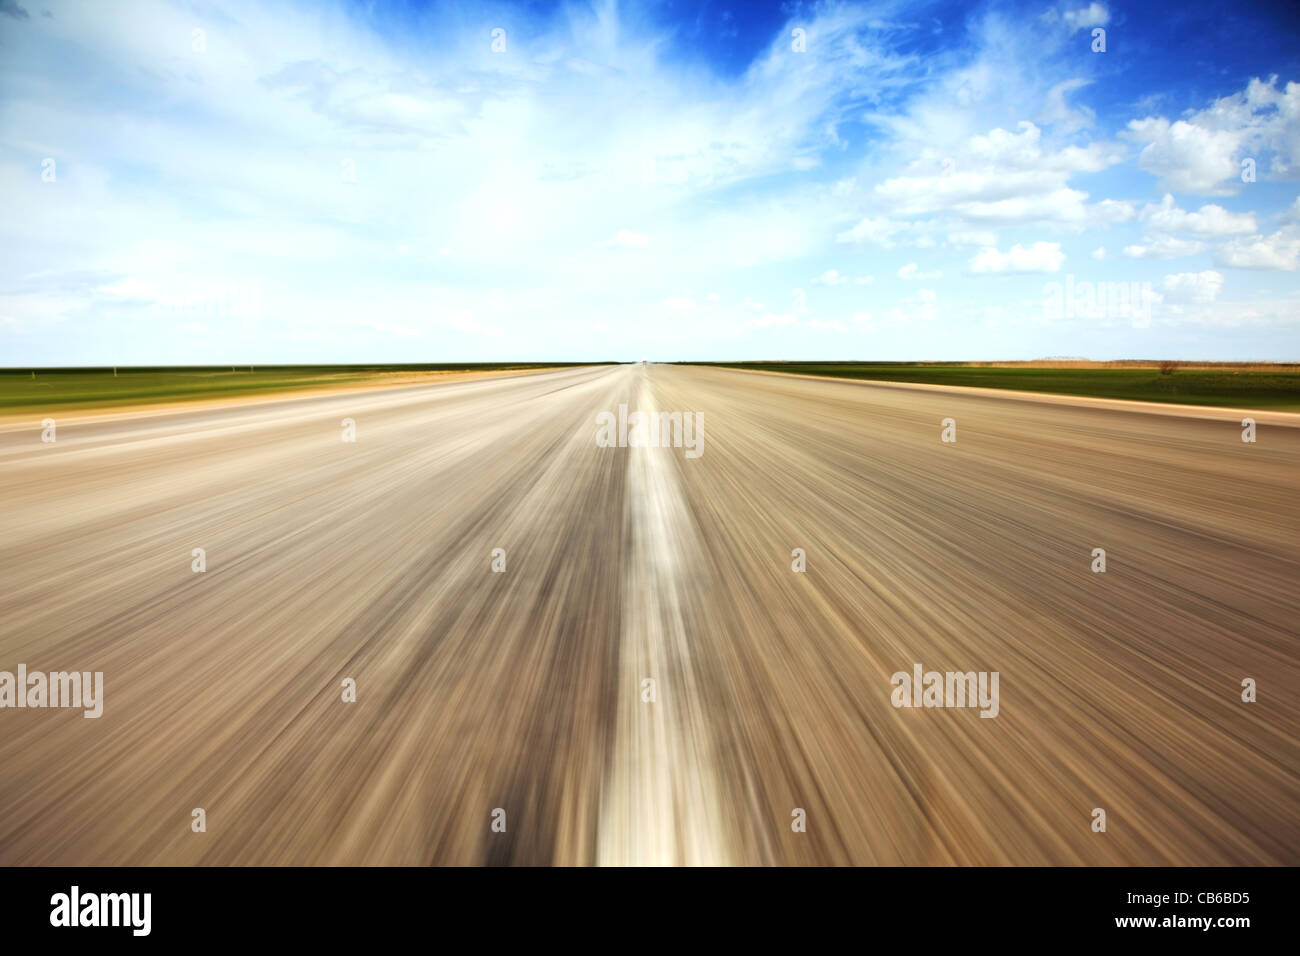 Concetto di velocità. Svuotare campagna vecchia strada si allunga in prospettiva. Immagini Stock